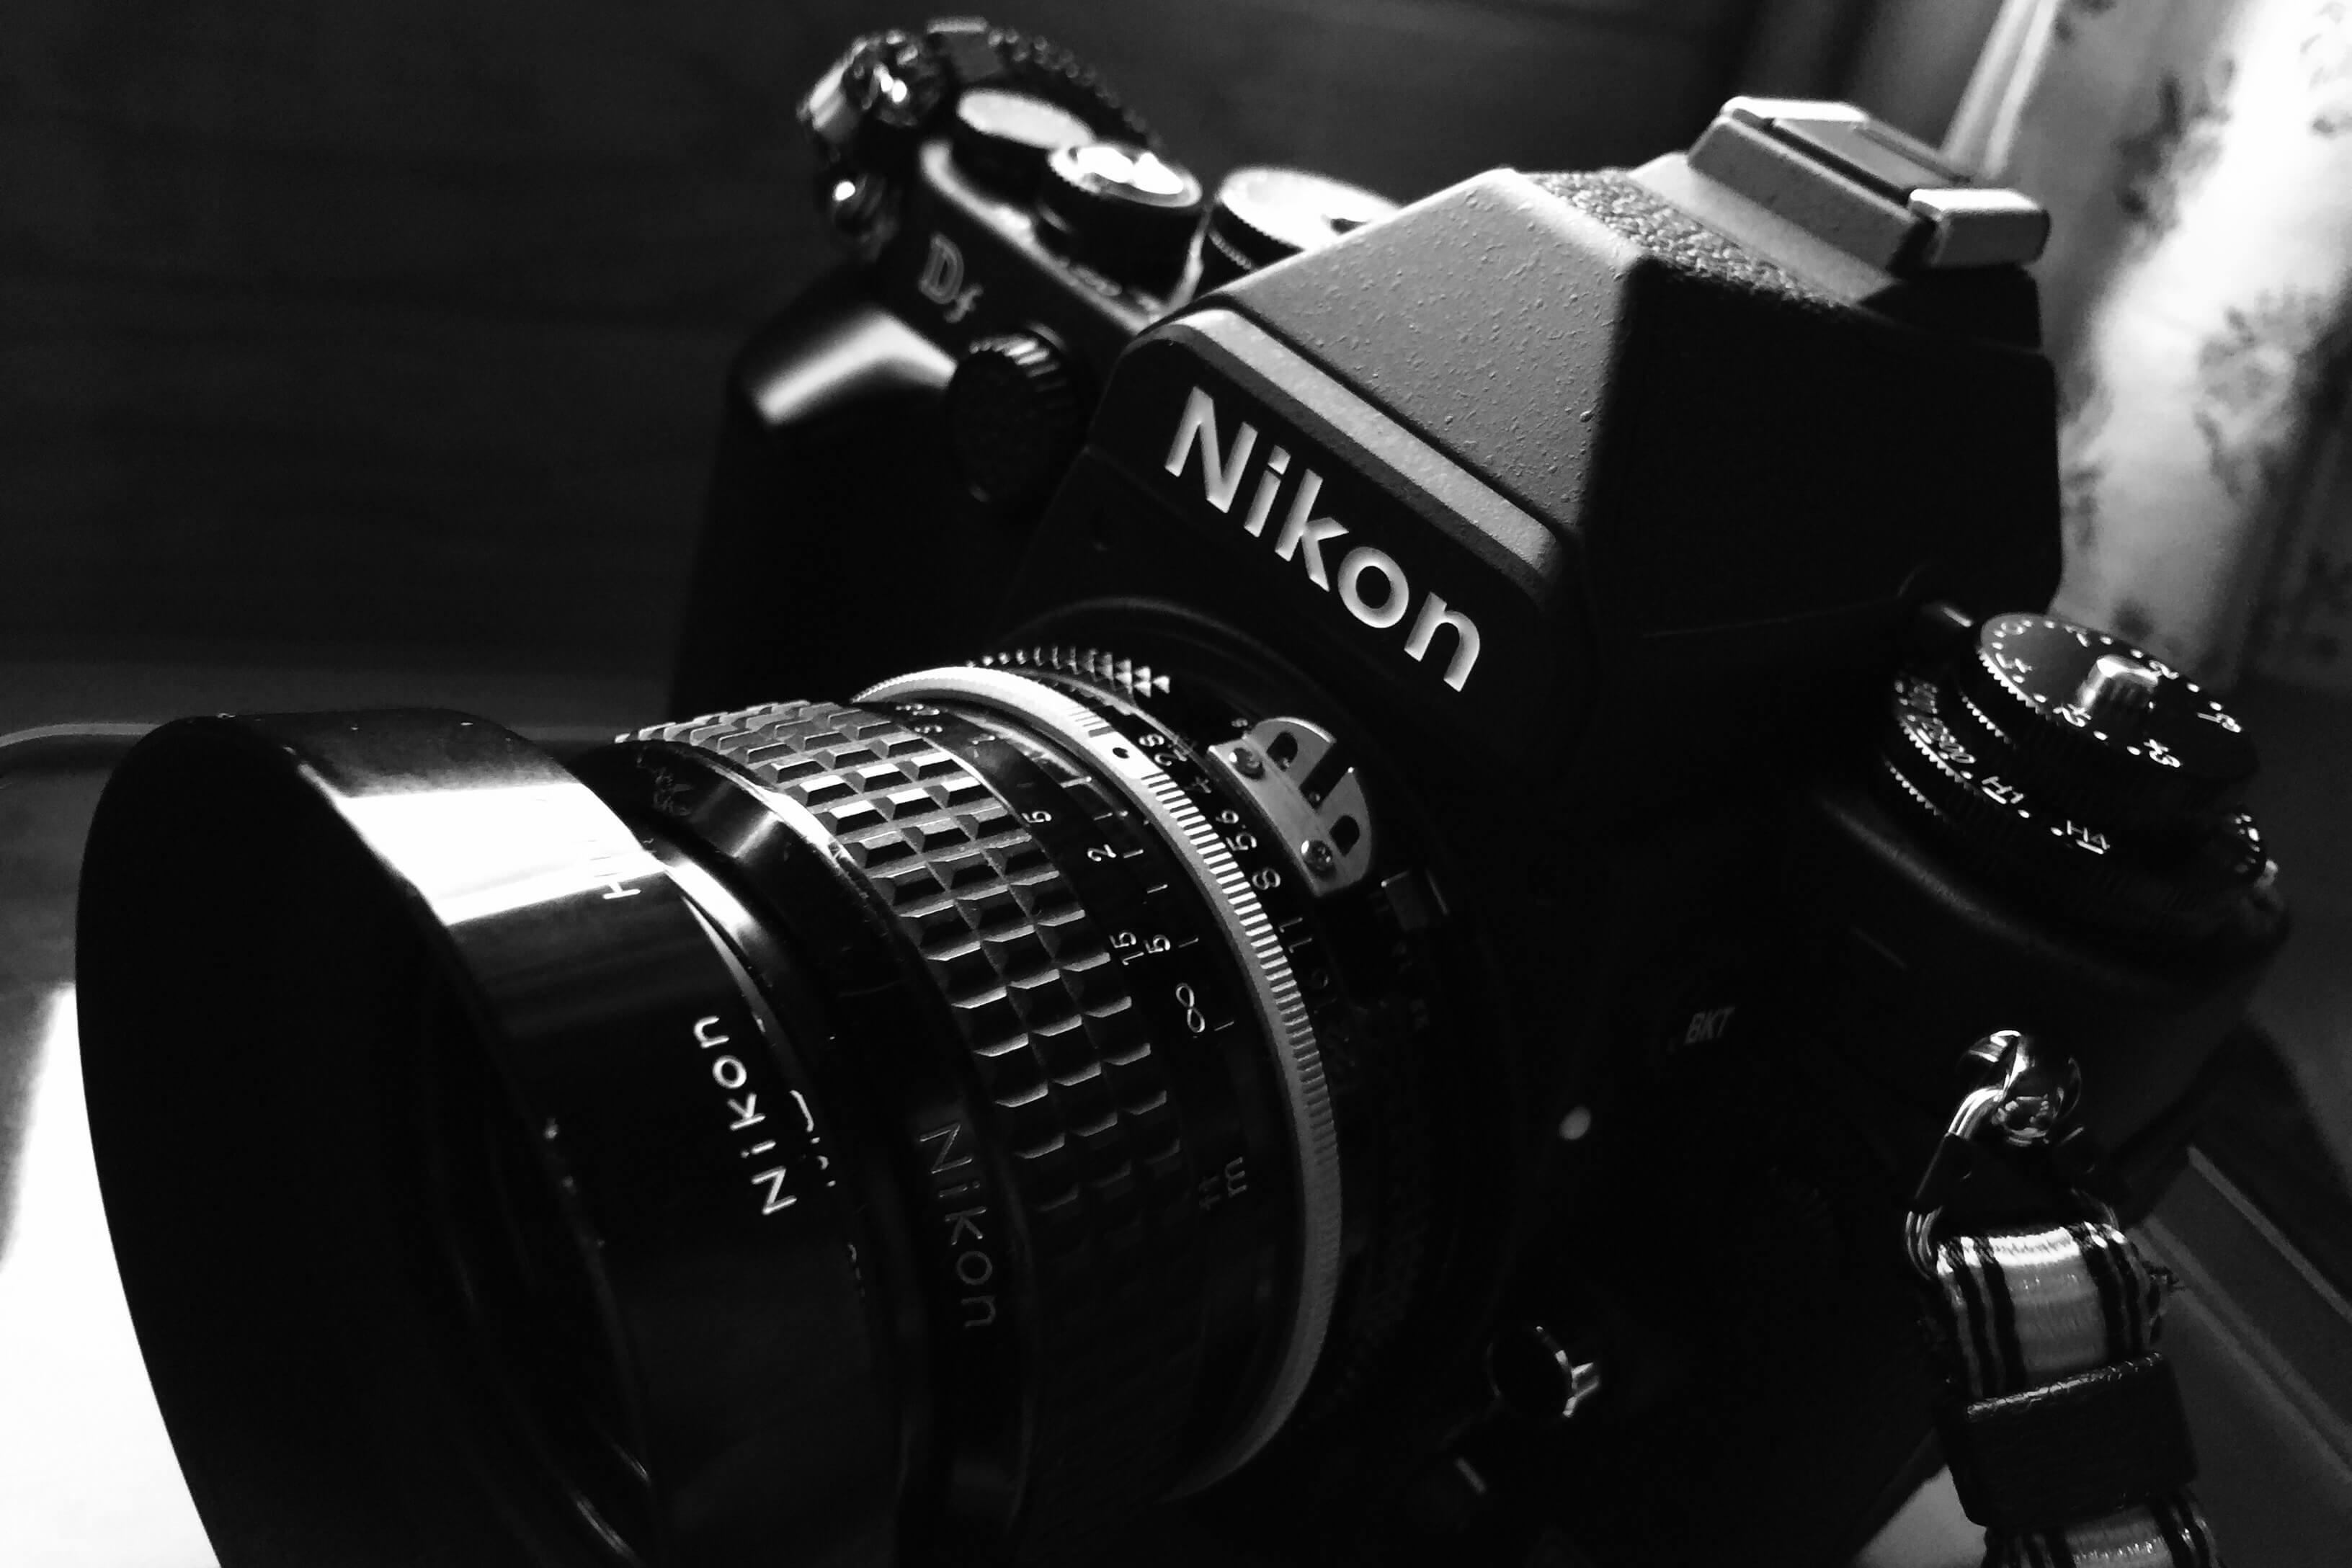 Nikon DfとMF単焦点レンズの組み合わせには、時空を超えた楽しみがある。